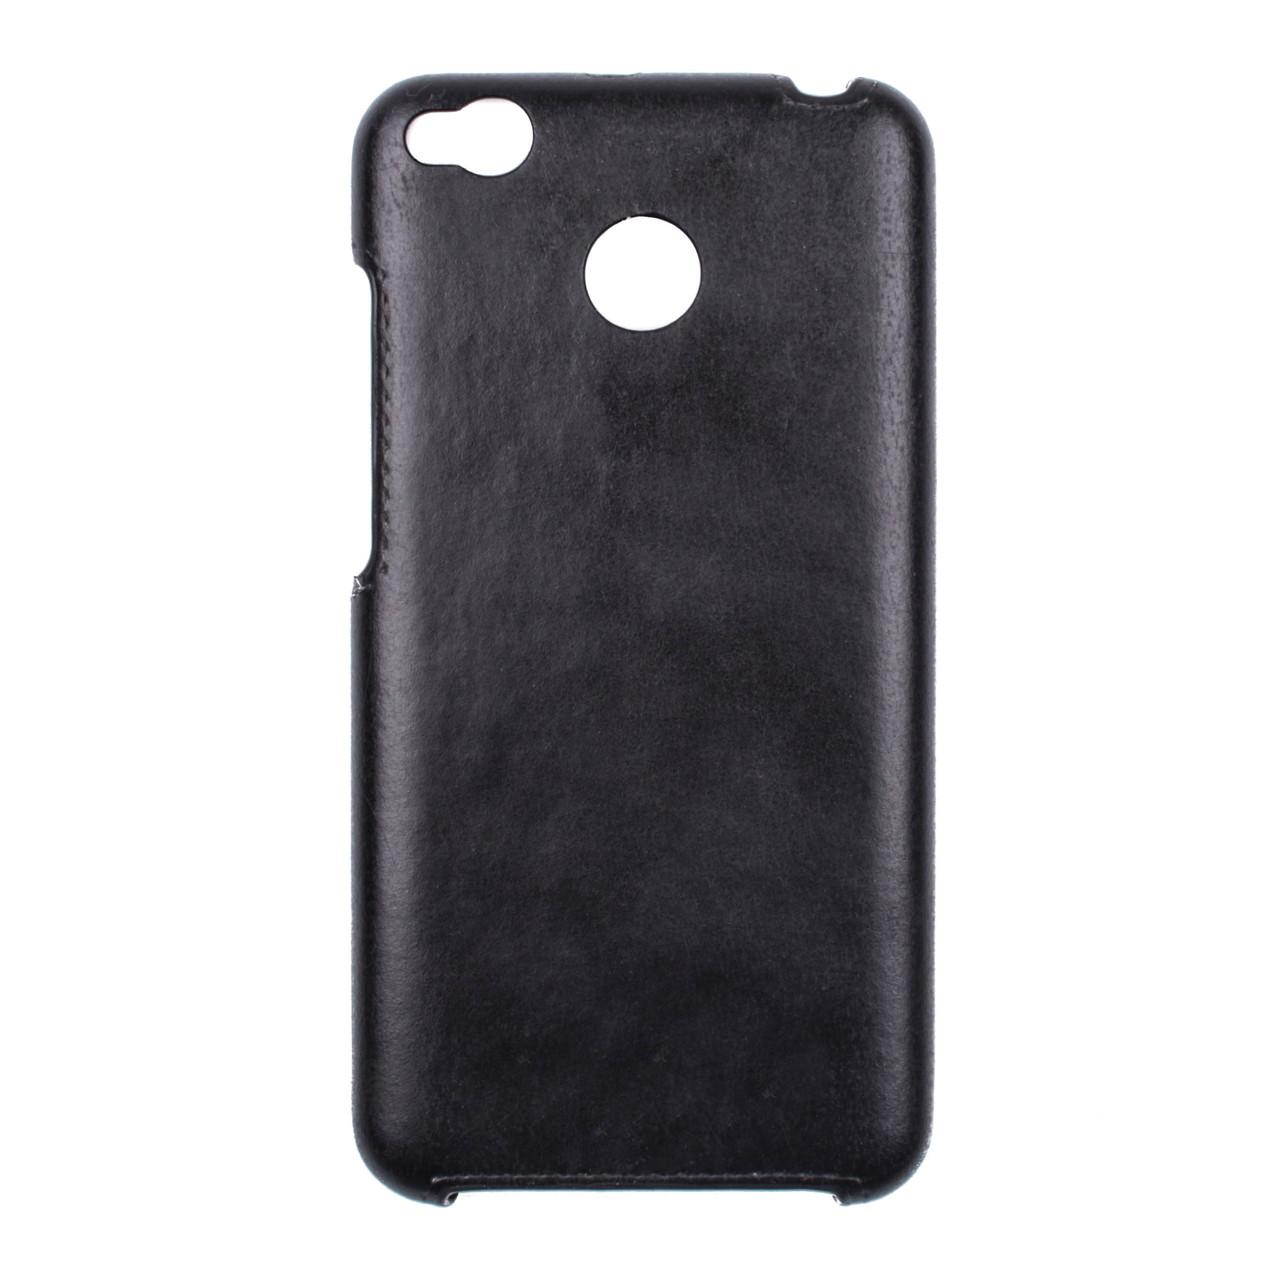 Панель Valenta для телефона Xiaomi Redmi 4X Кожзам Черный (C1221xred4x-1)